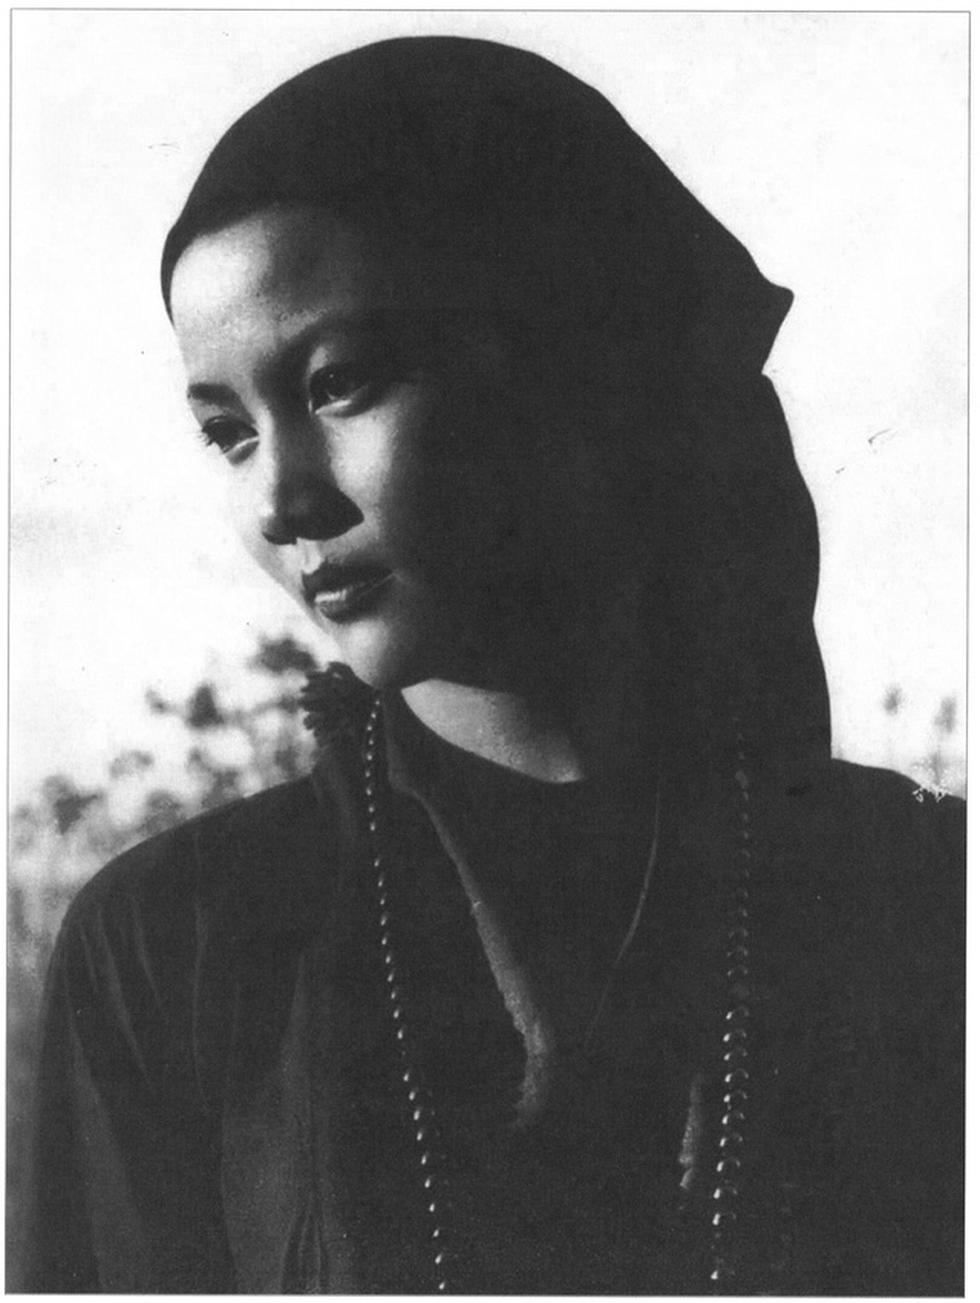 Tứ đại mỹ nhân của điện ảnh Sài Gòn qua sách Người tình không chân dung - Ảnh 3.